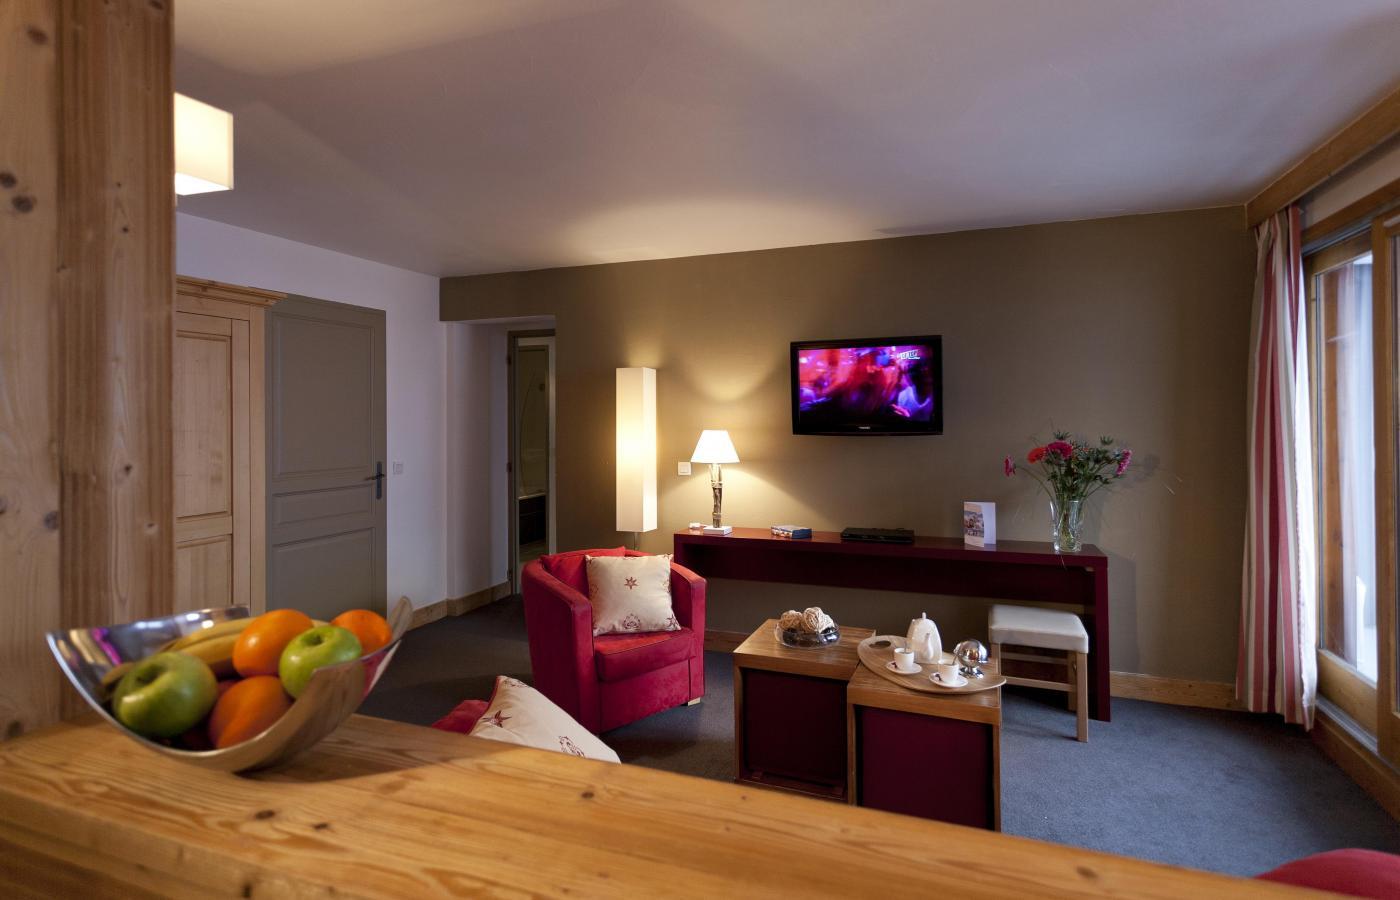 Location au ski Residence Club Mmv Le Centaure - La Plagne - Tv à écran plat